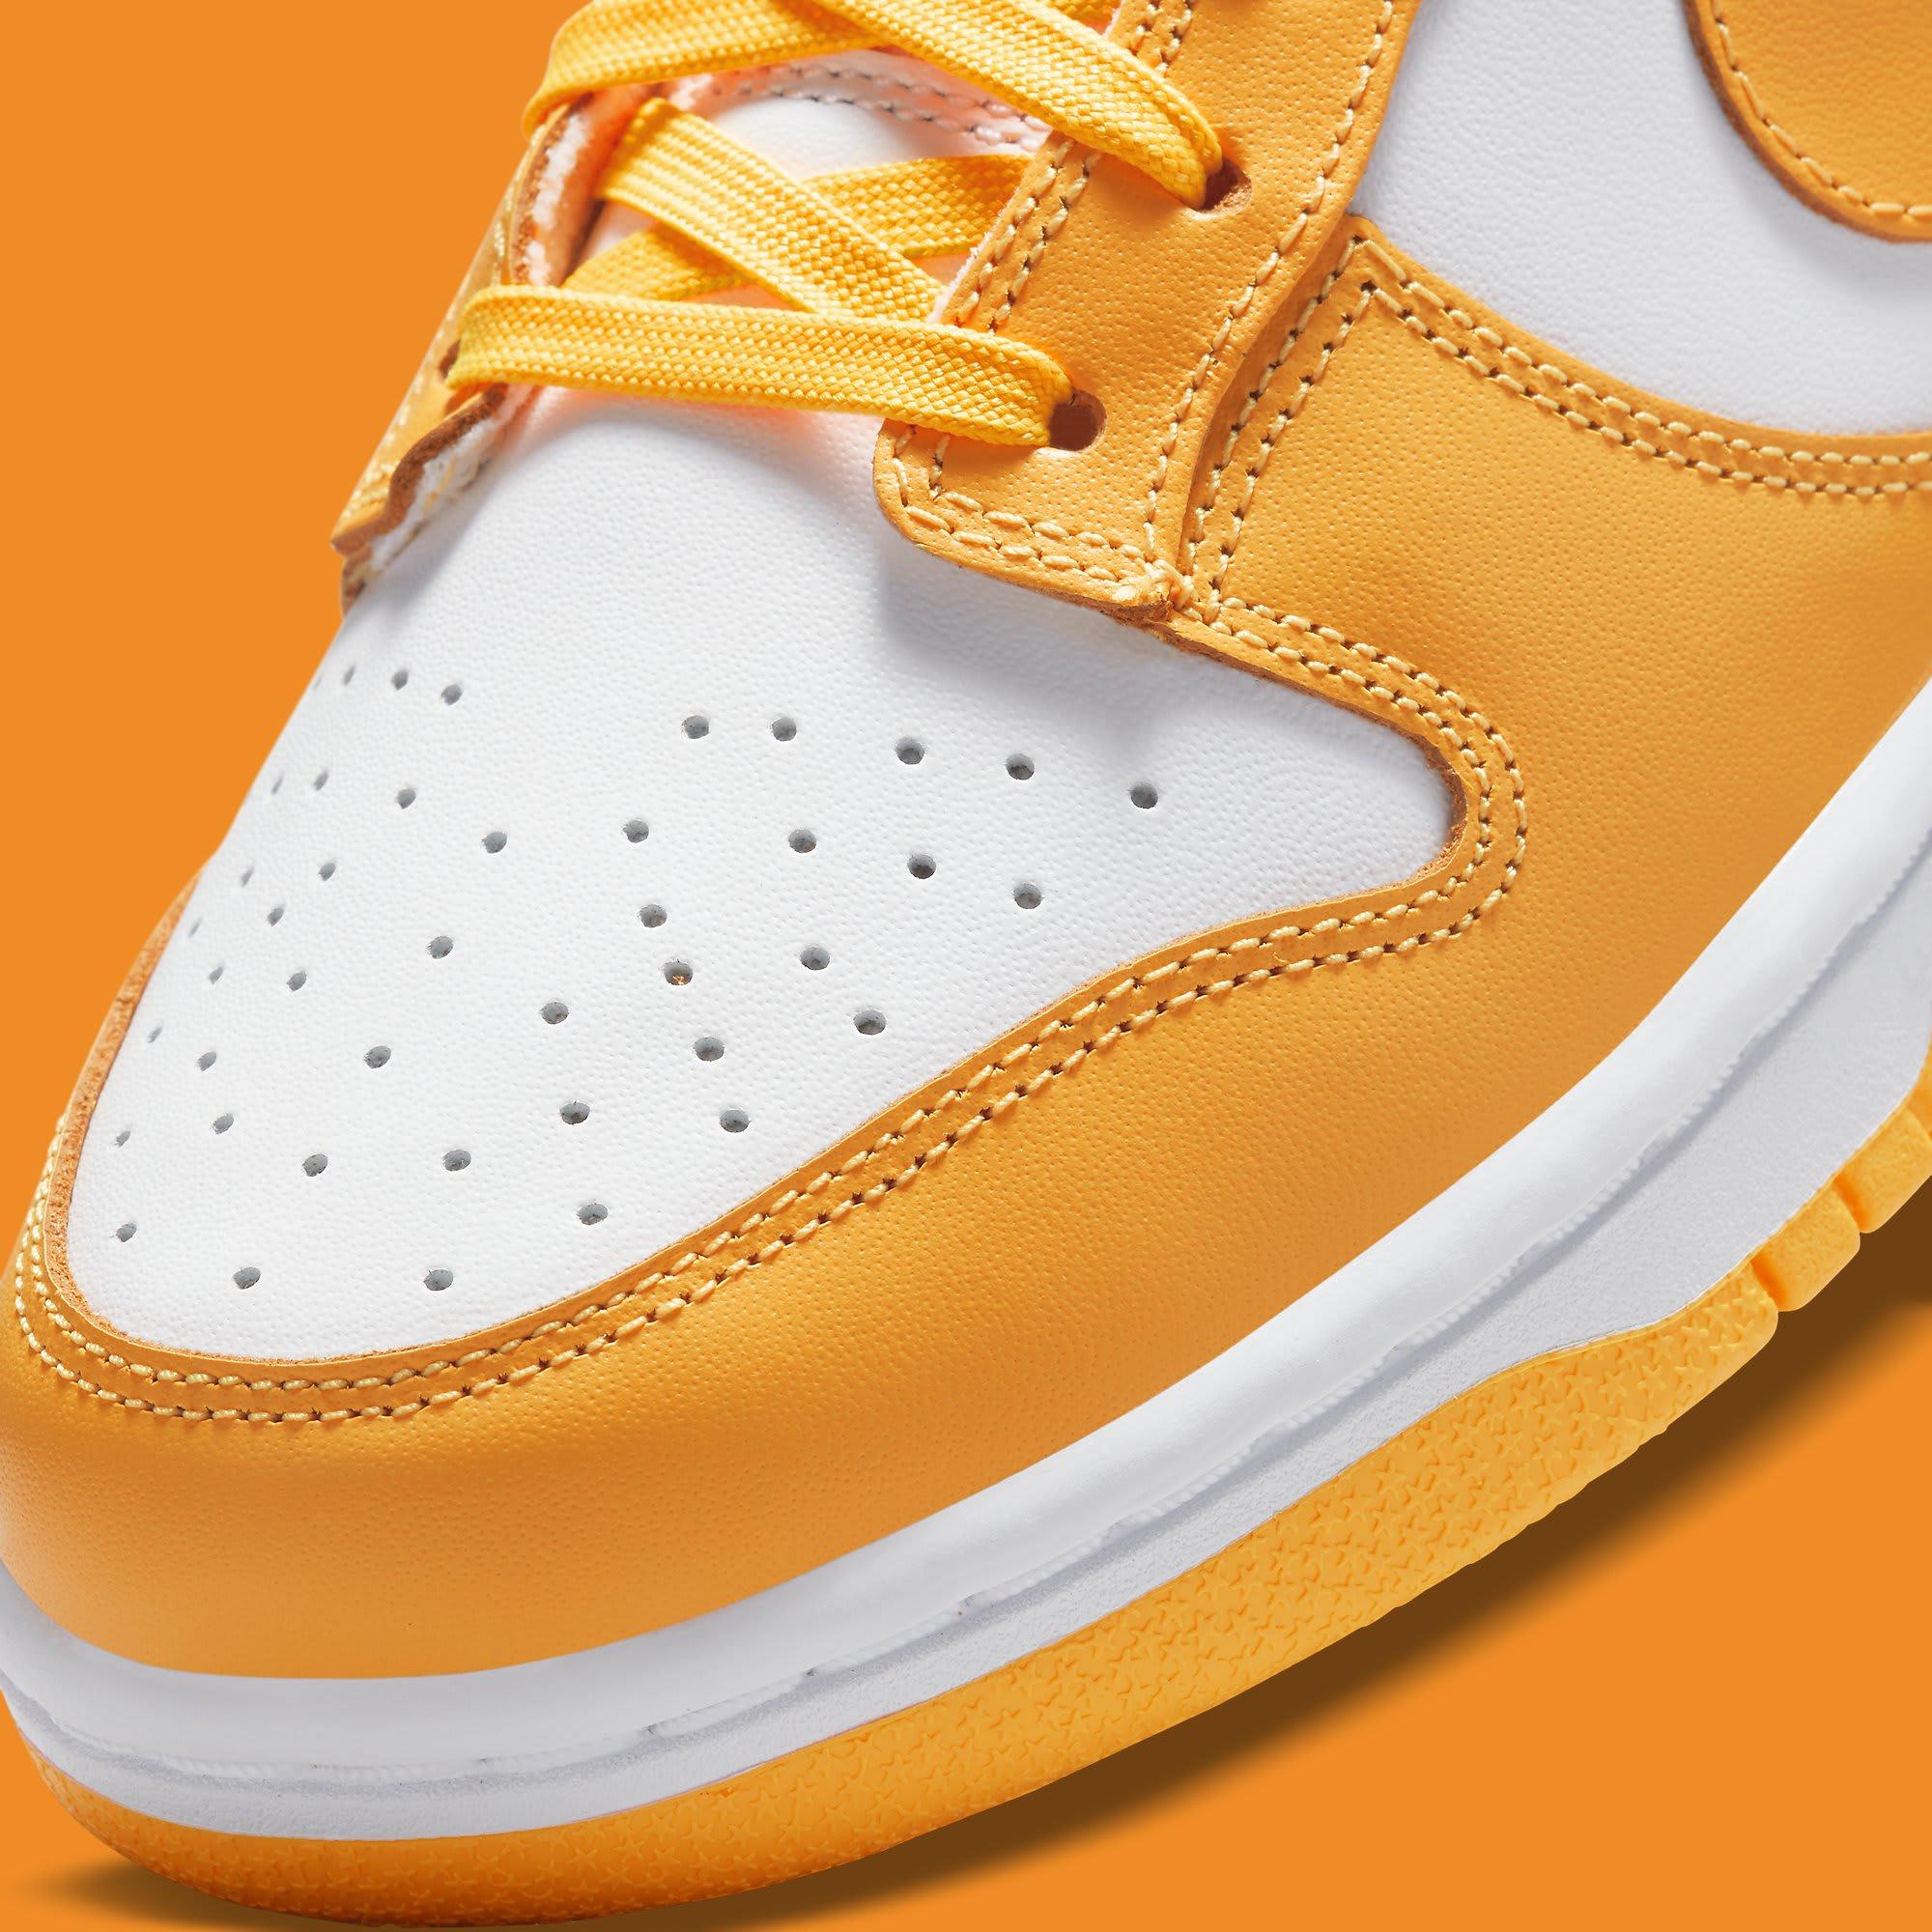 Nike Dunk Low Laser Orange Release Date DD1503-800 Toe Detail